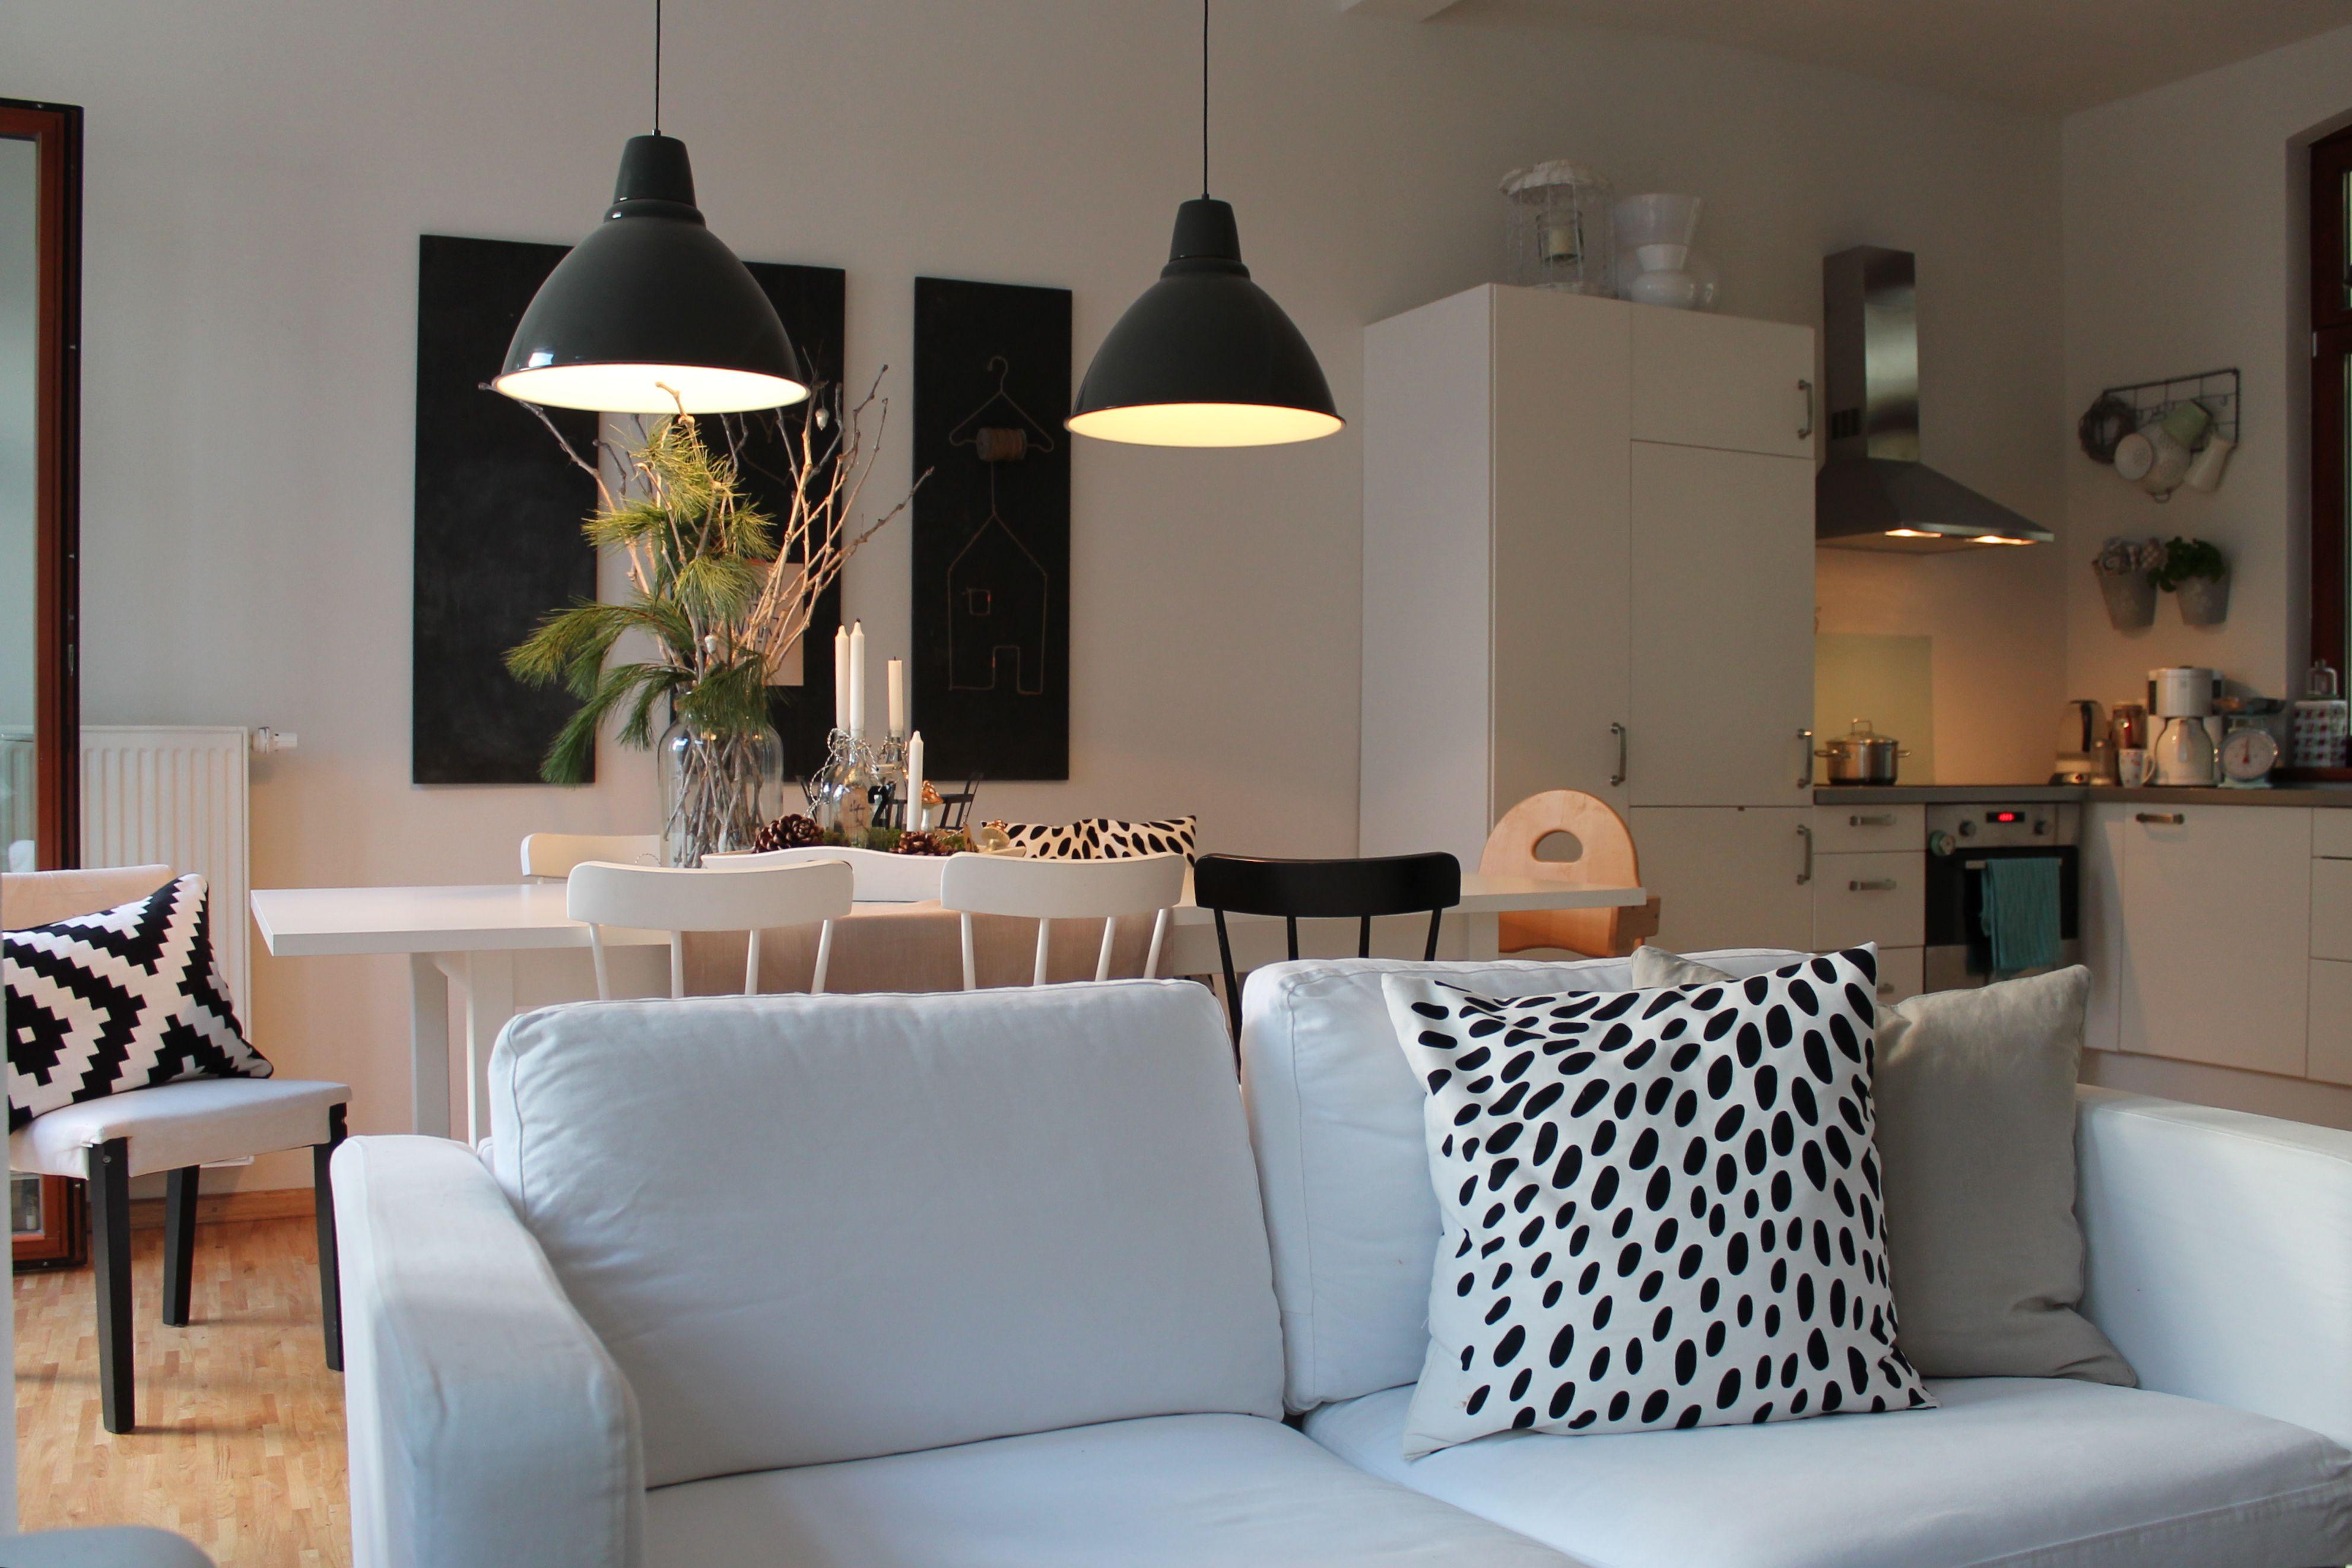 Kombi Wohn Esszimmer Wohnen Neue Wohnung Wohnung